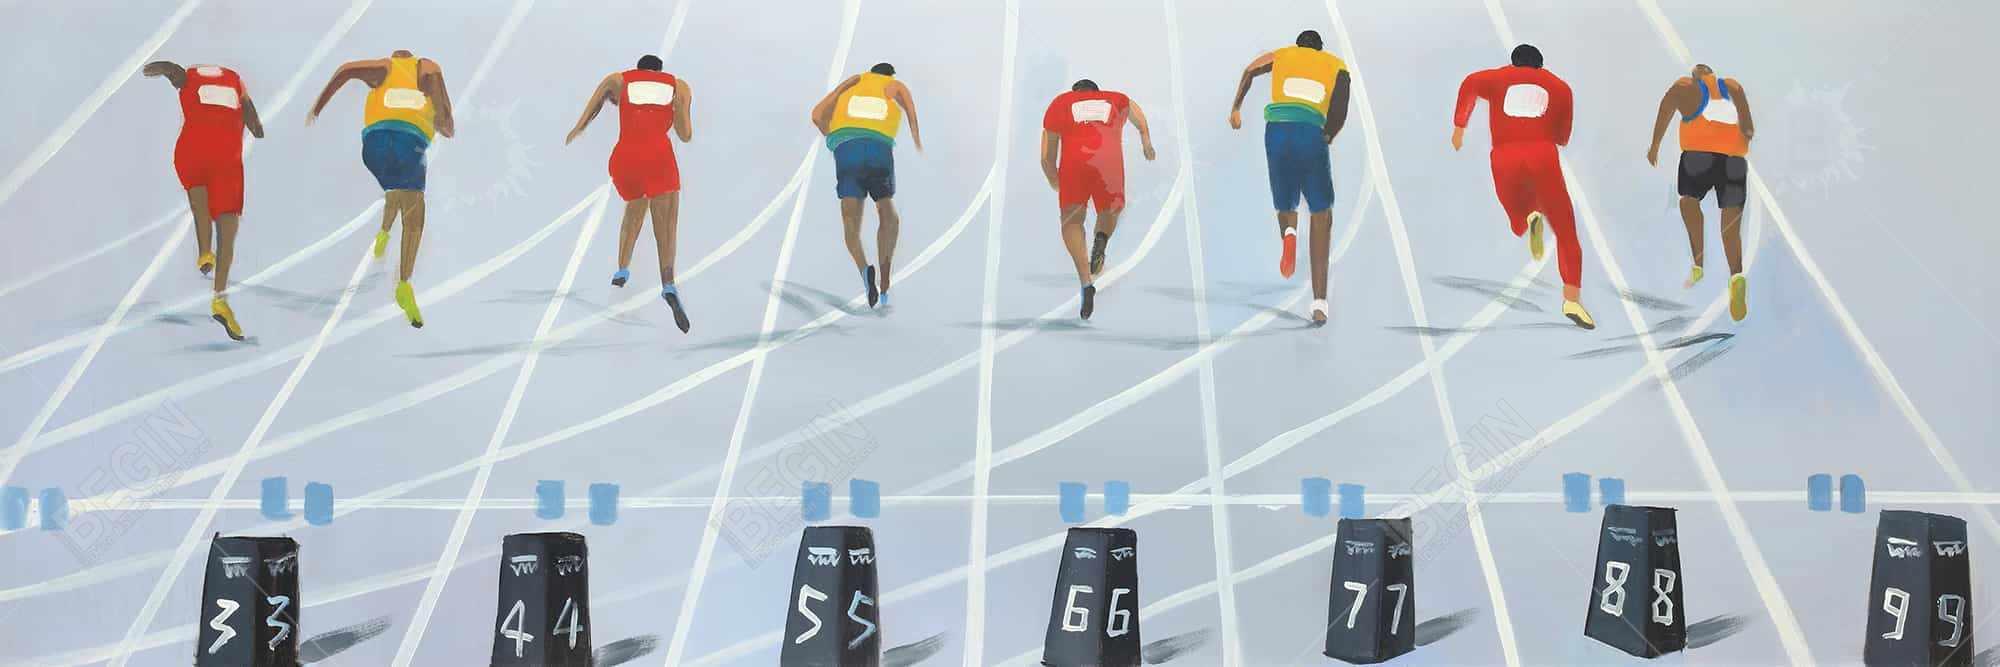 Race of 10 meters